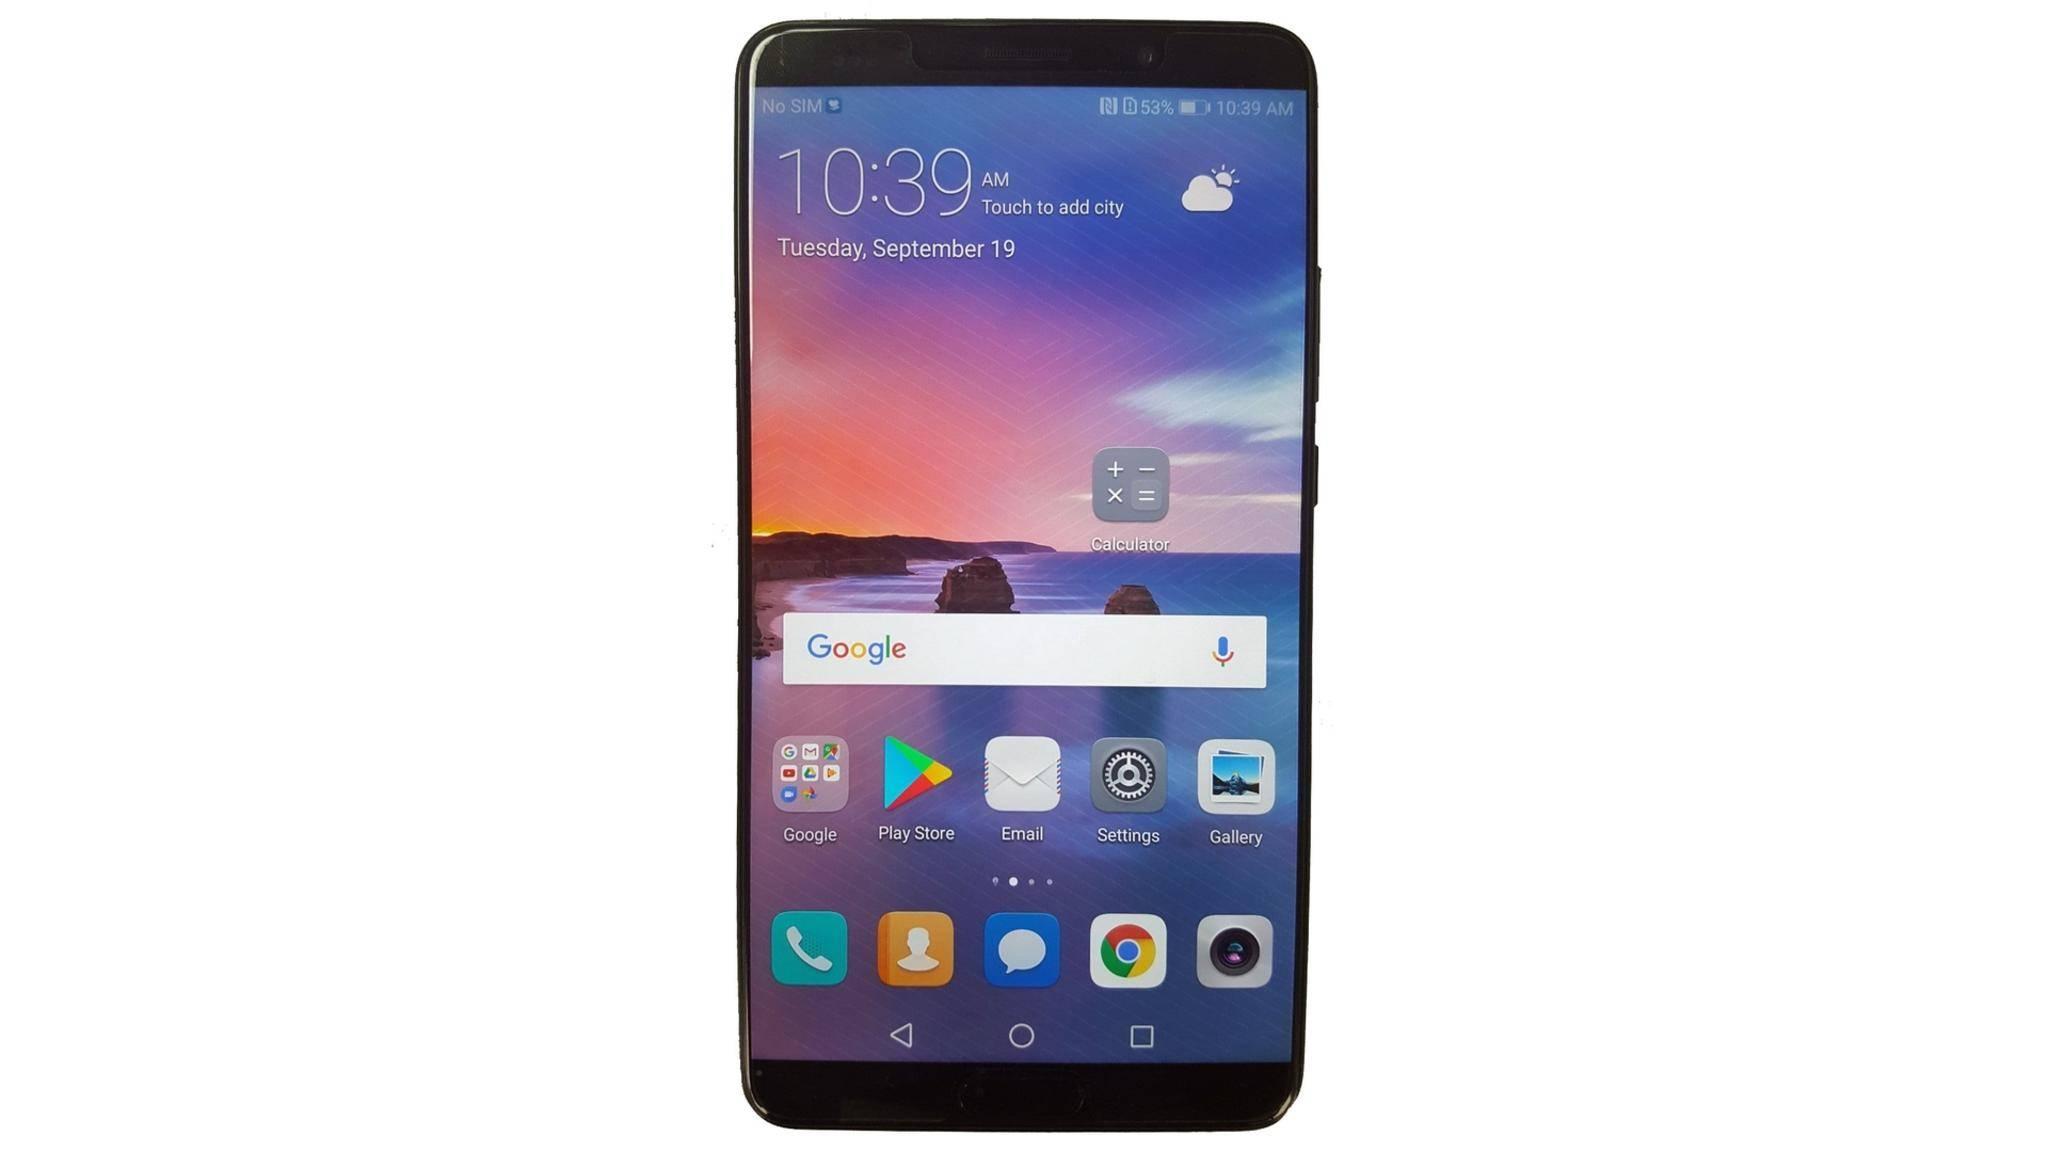 Angeblich zeigt dieses Foto das Huawei Mate 10.